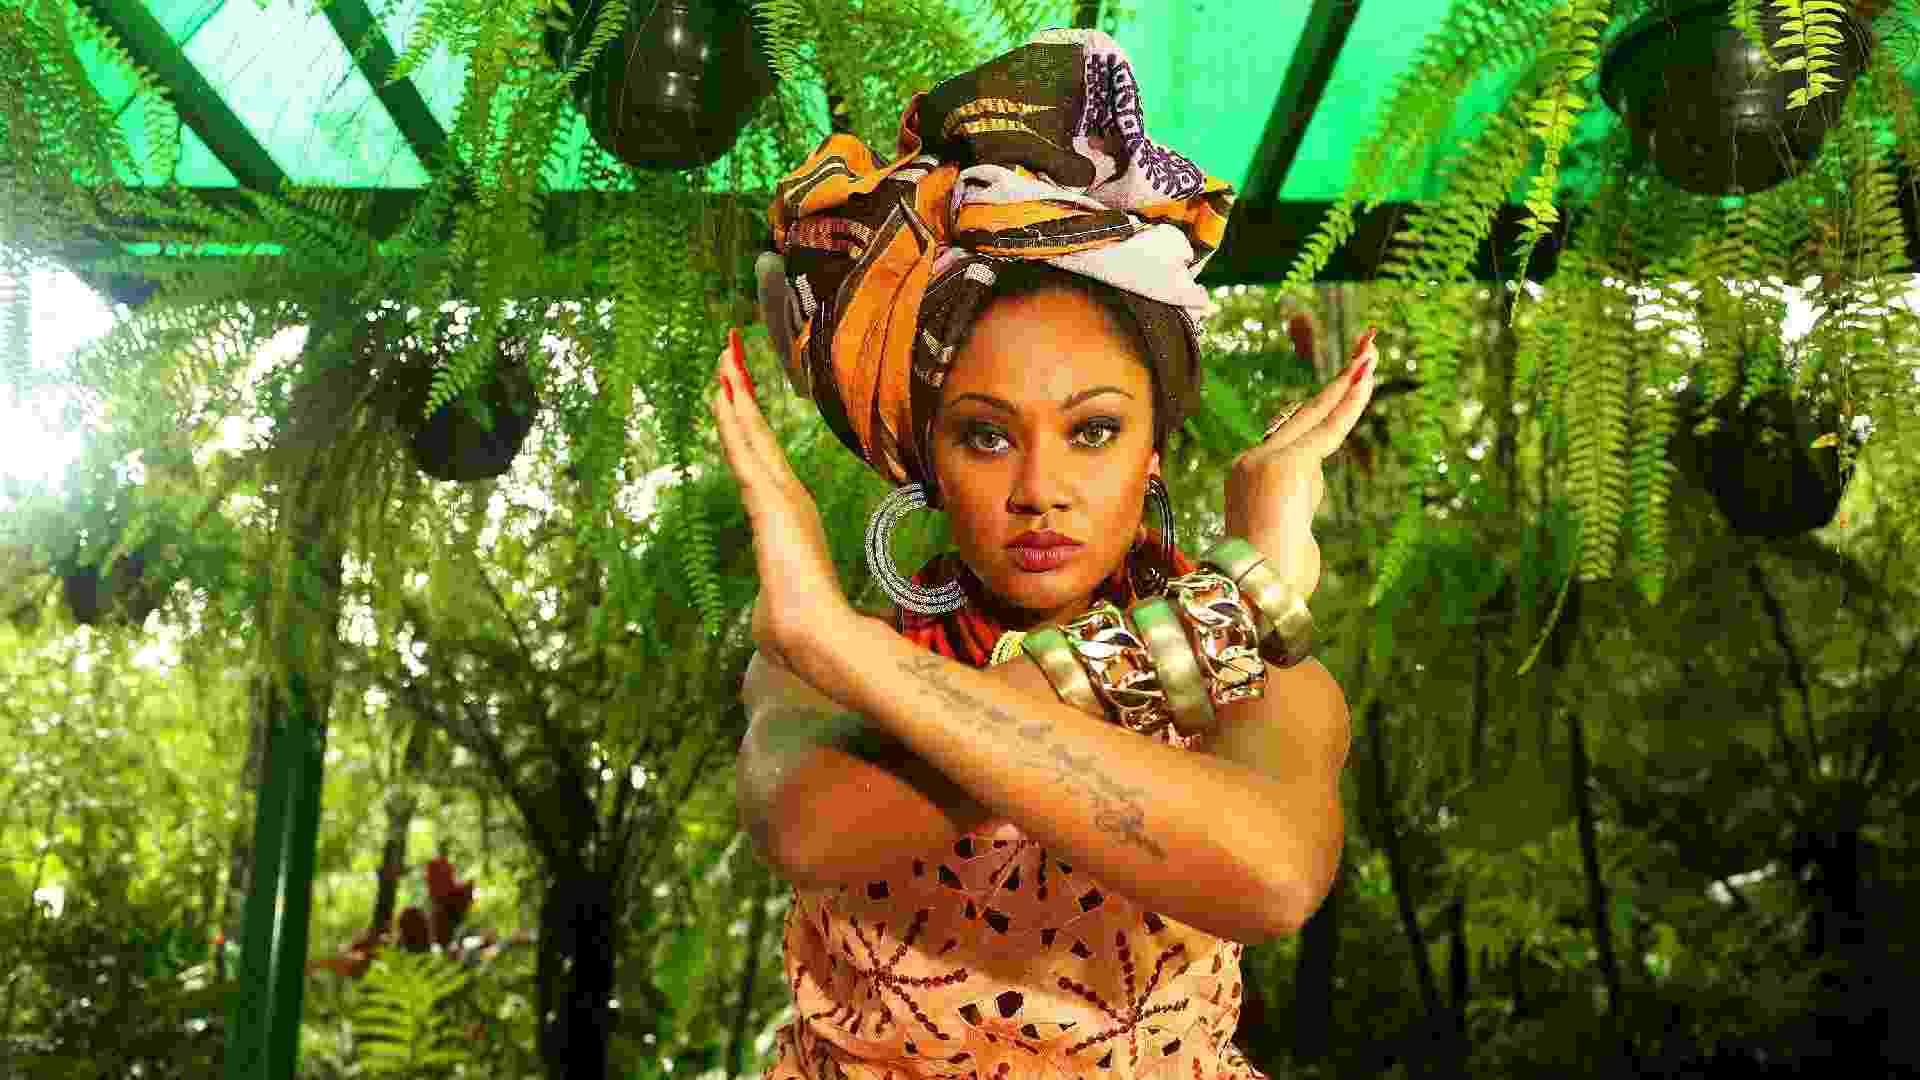 Camila Silva, rainha de bateria, posa com inspiração no samba da Vai-Vai - Iwi Onodera/UOL - Tratamento de imagem: Mari Calvente